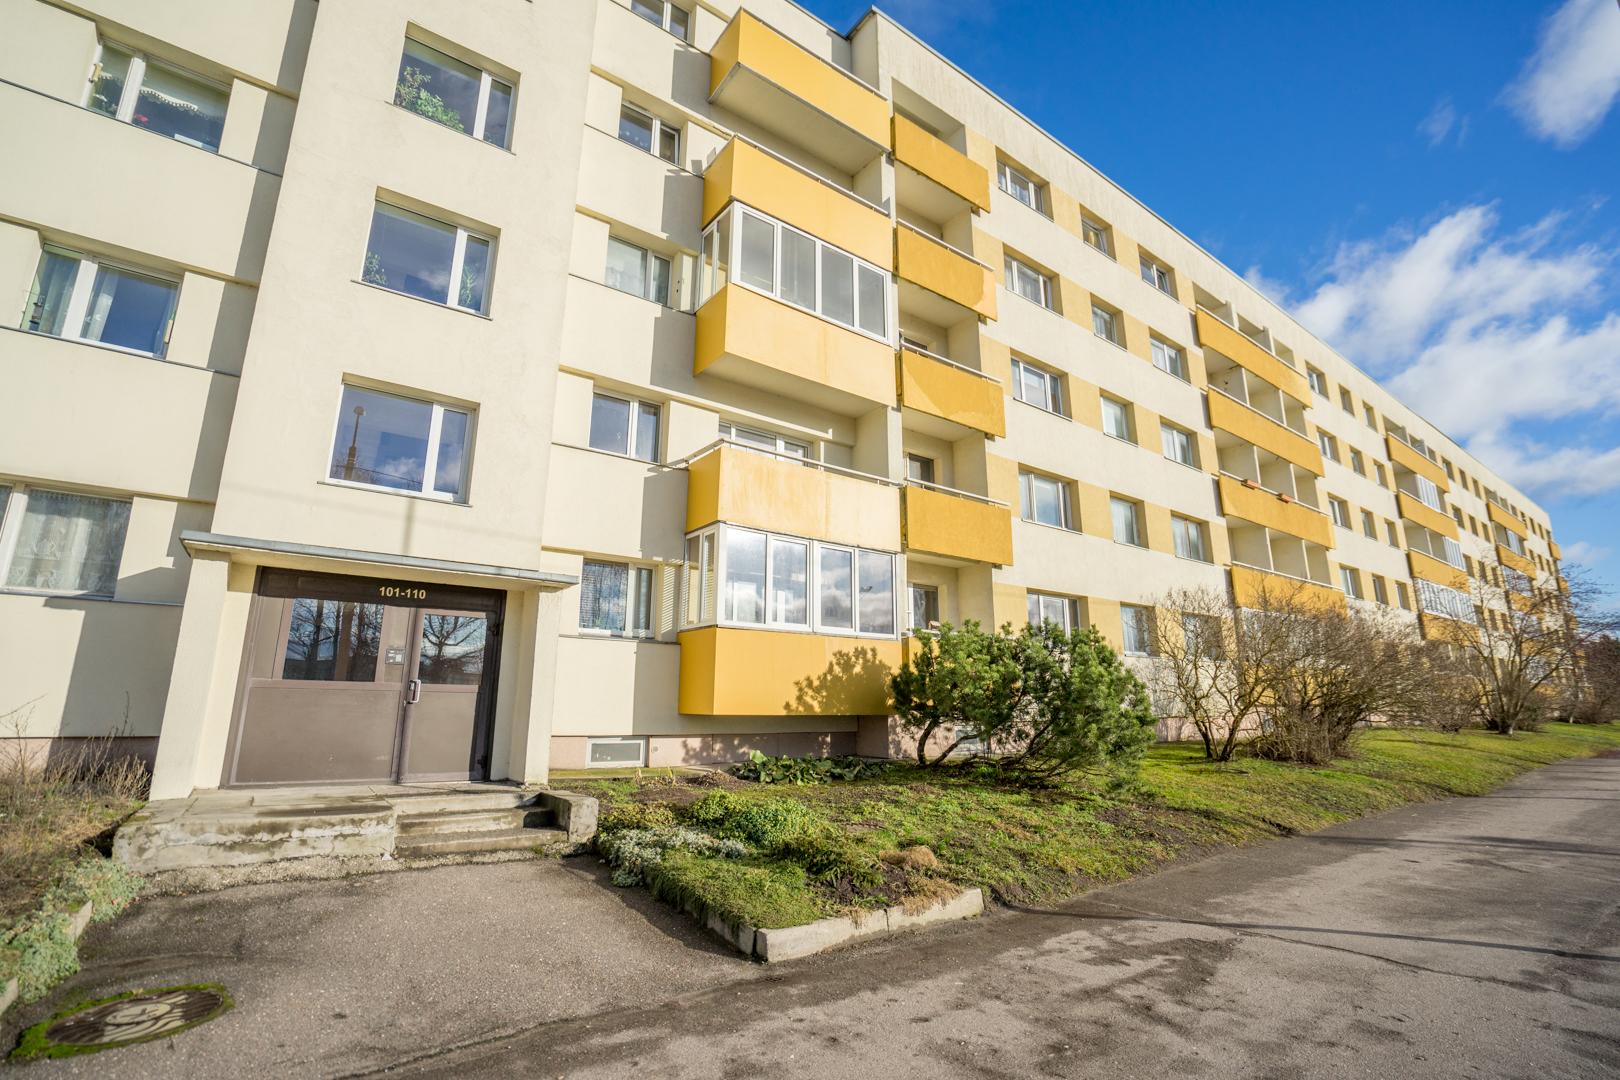 Klient soovib osta keskküttega korterit Pärnus